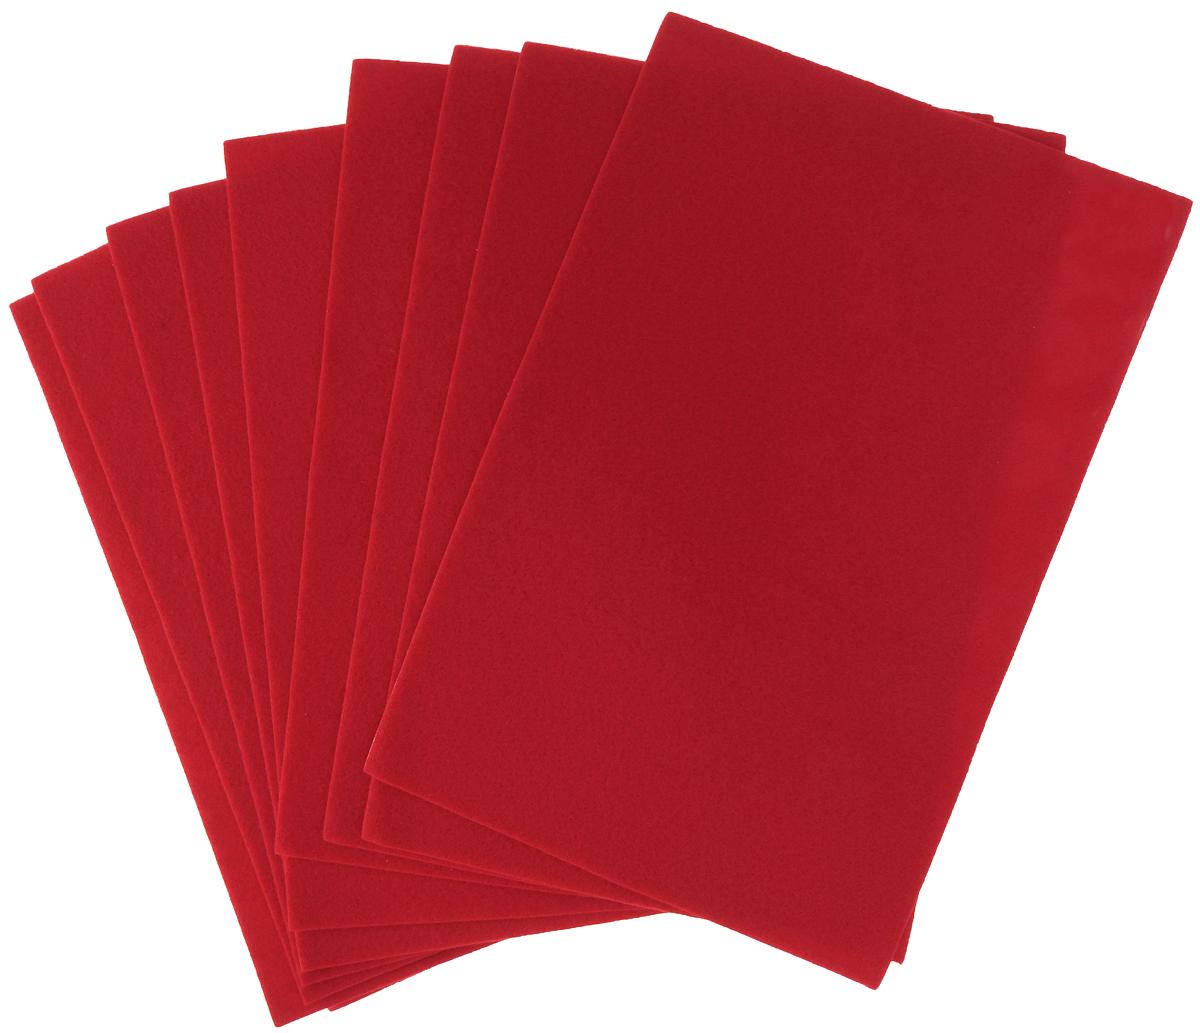 Фетр клеевой Hobby&You, цвет: красный (016), 20 х 30 см686523_016 красныйКлеевой фетр Hobby&You изготовлен из 100% полиэстера. Благодаря клеевому слою, легко приклеивается. Лист фетра можно использовать целиком или вырезать из него различные фигуры. Работать с фетром просто и удобно: он легко режется, не осыпаясь по краям, из него получаются отличные аппликации. Фетр используется для изготовления открыток ручной работы и скрап-страничек, для создания бижутерии и аксессуаров для волос, для декора мебели, изготовления ковриков, диванных подушек, подставок под горячее, сумок и многого другого. Толщина: 1,4 мм. Размер листа: 20 х 30 см.